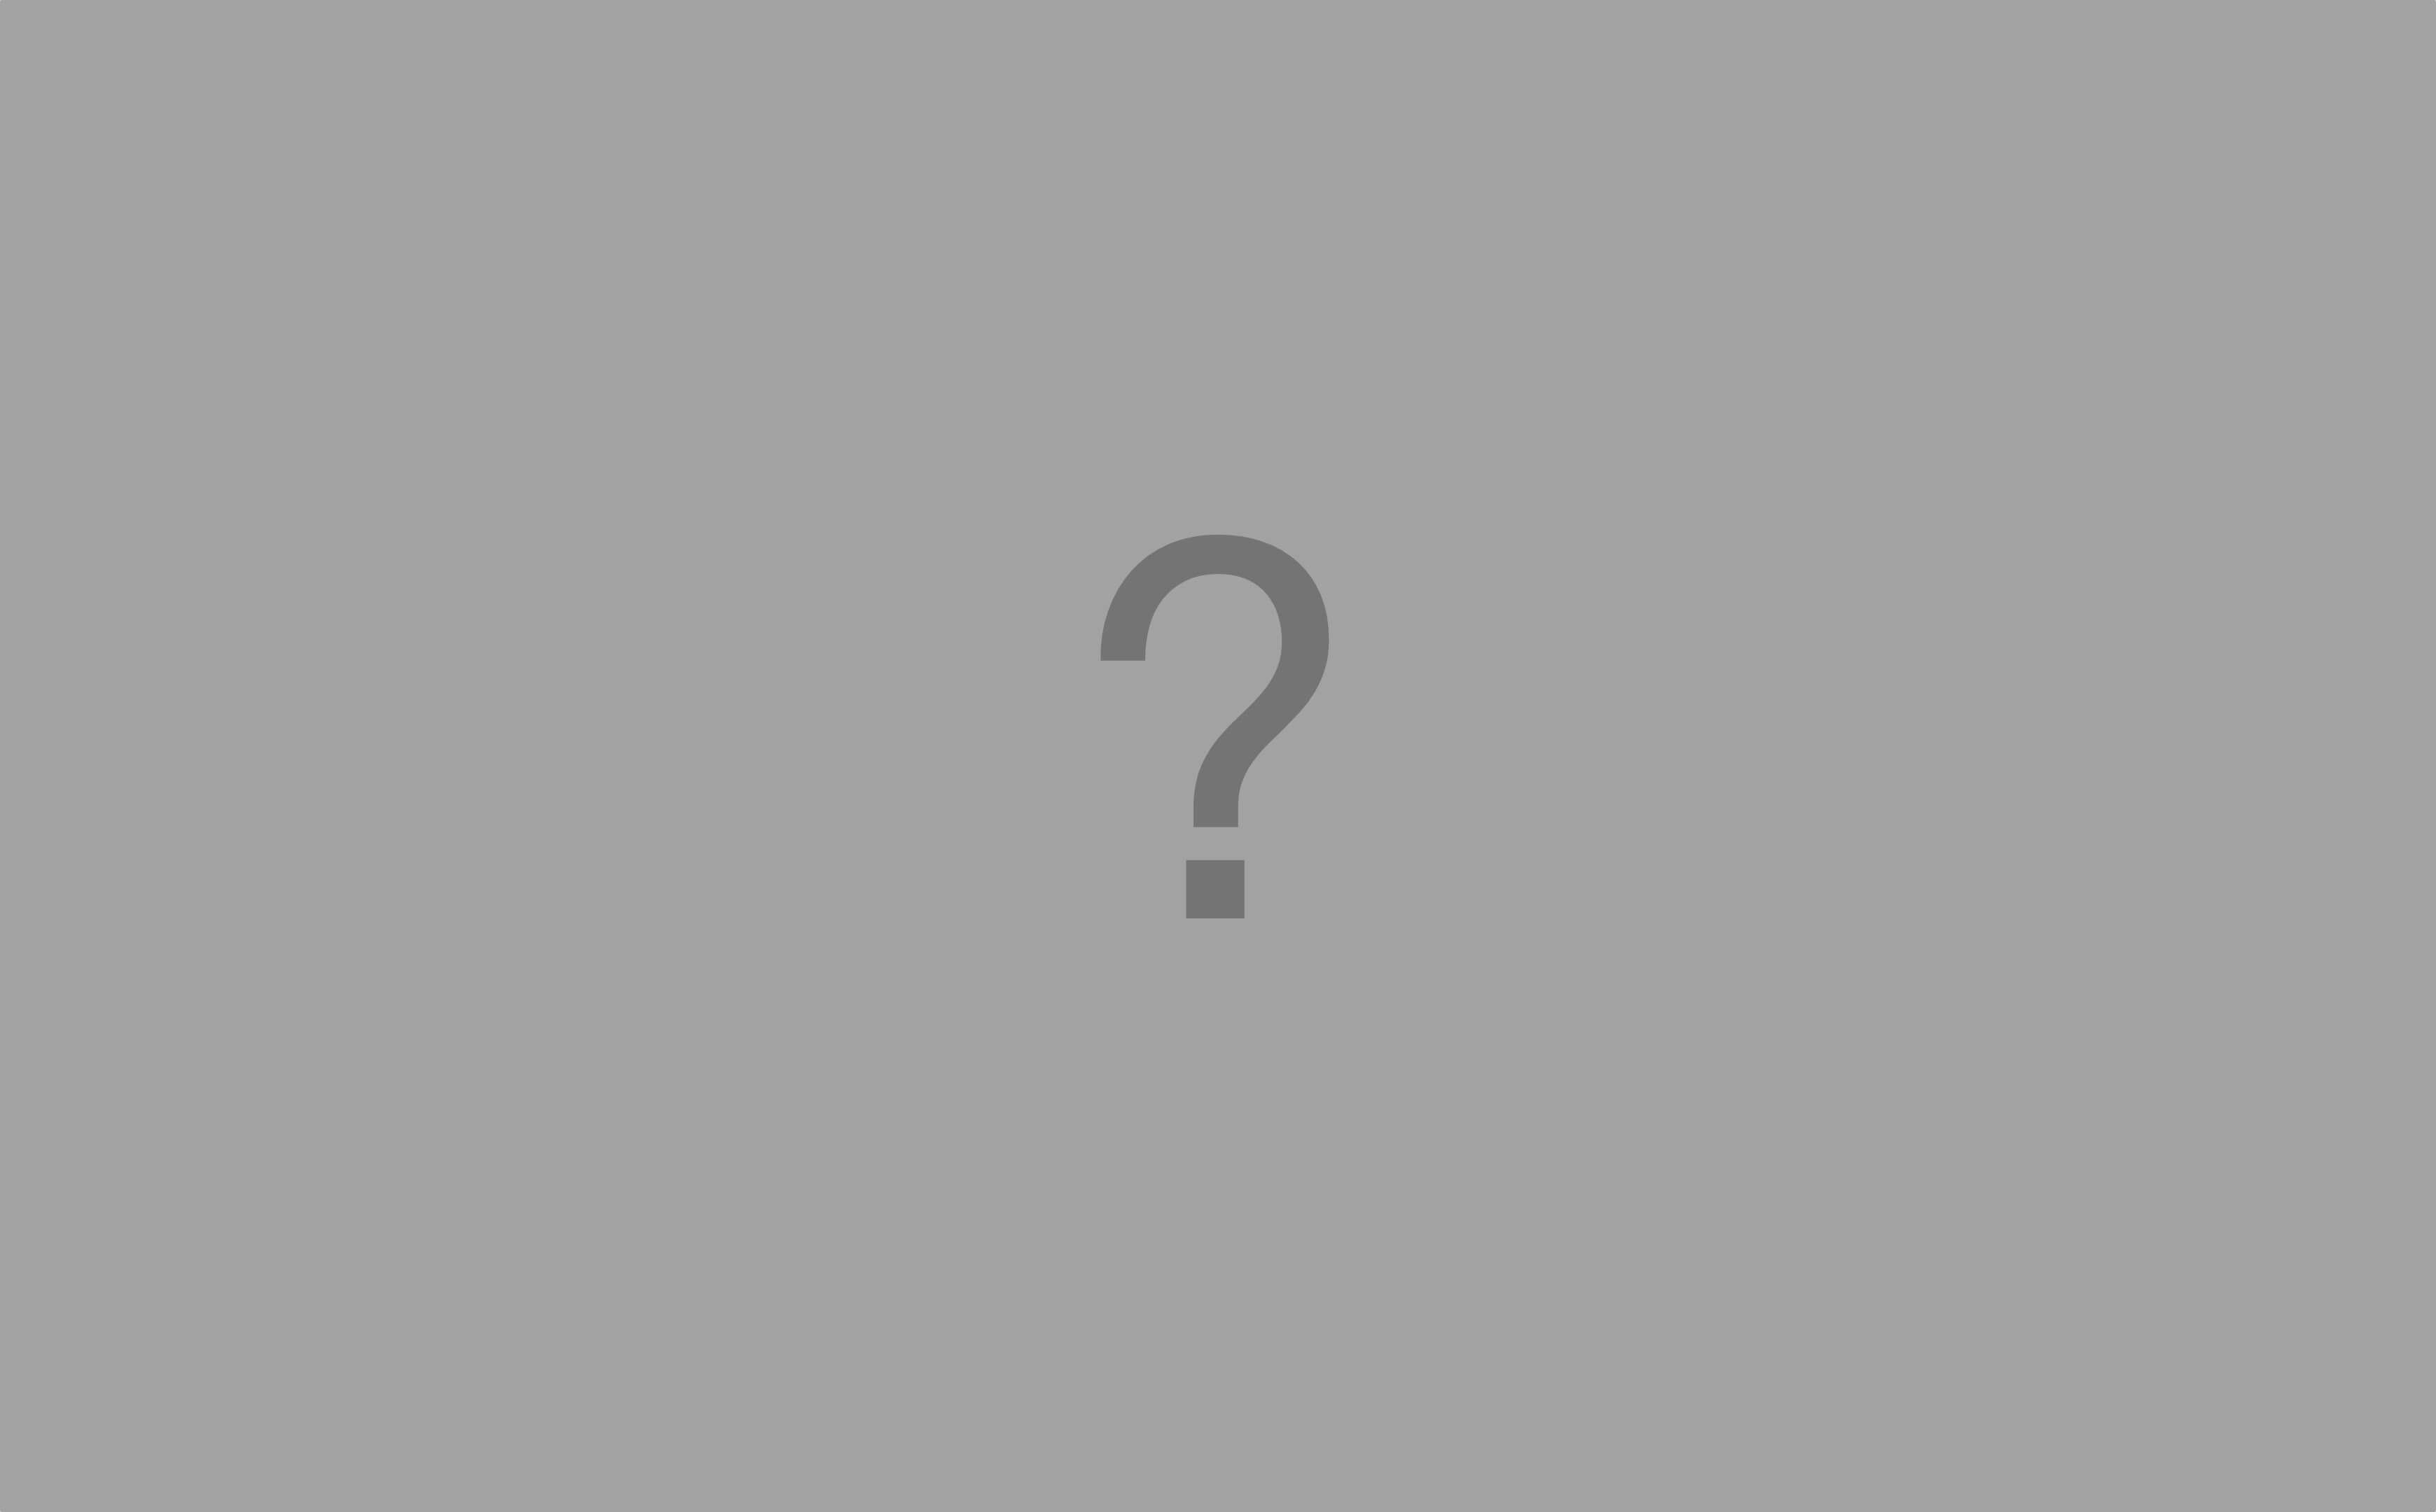 iPhone X Nutzer: Habt ihr auch grüne Linien im Display?